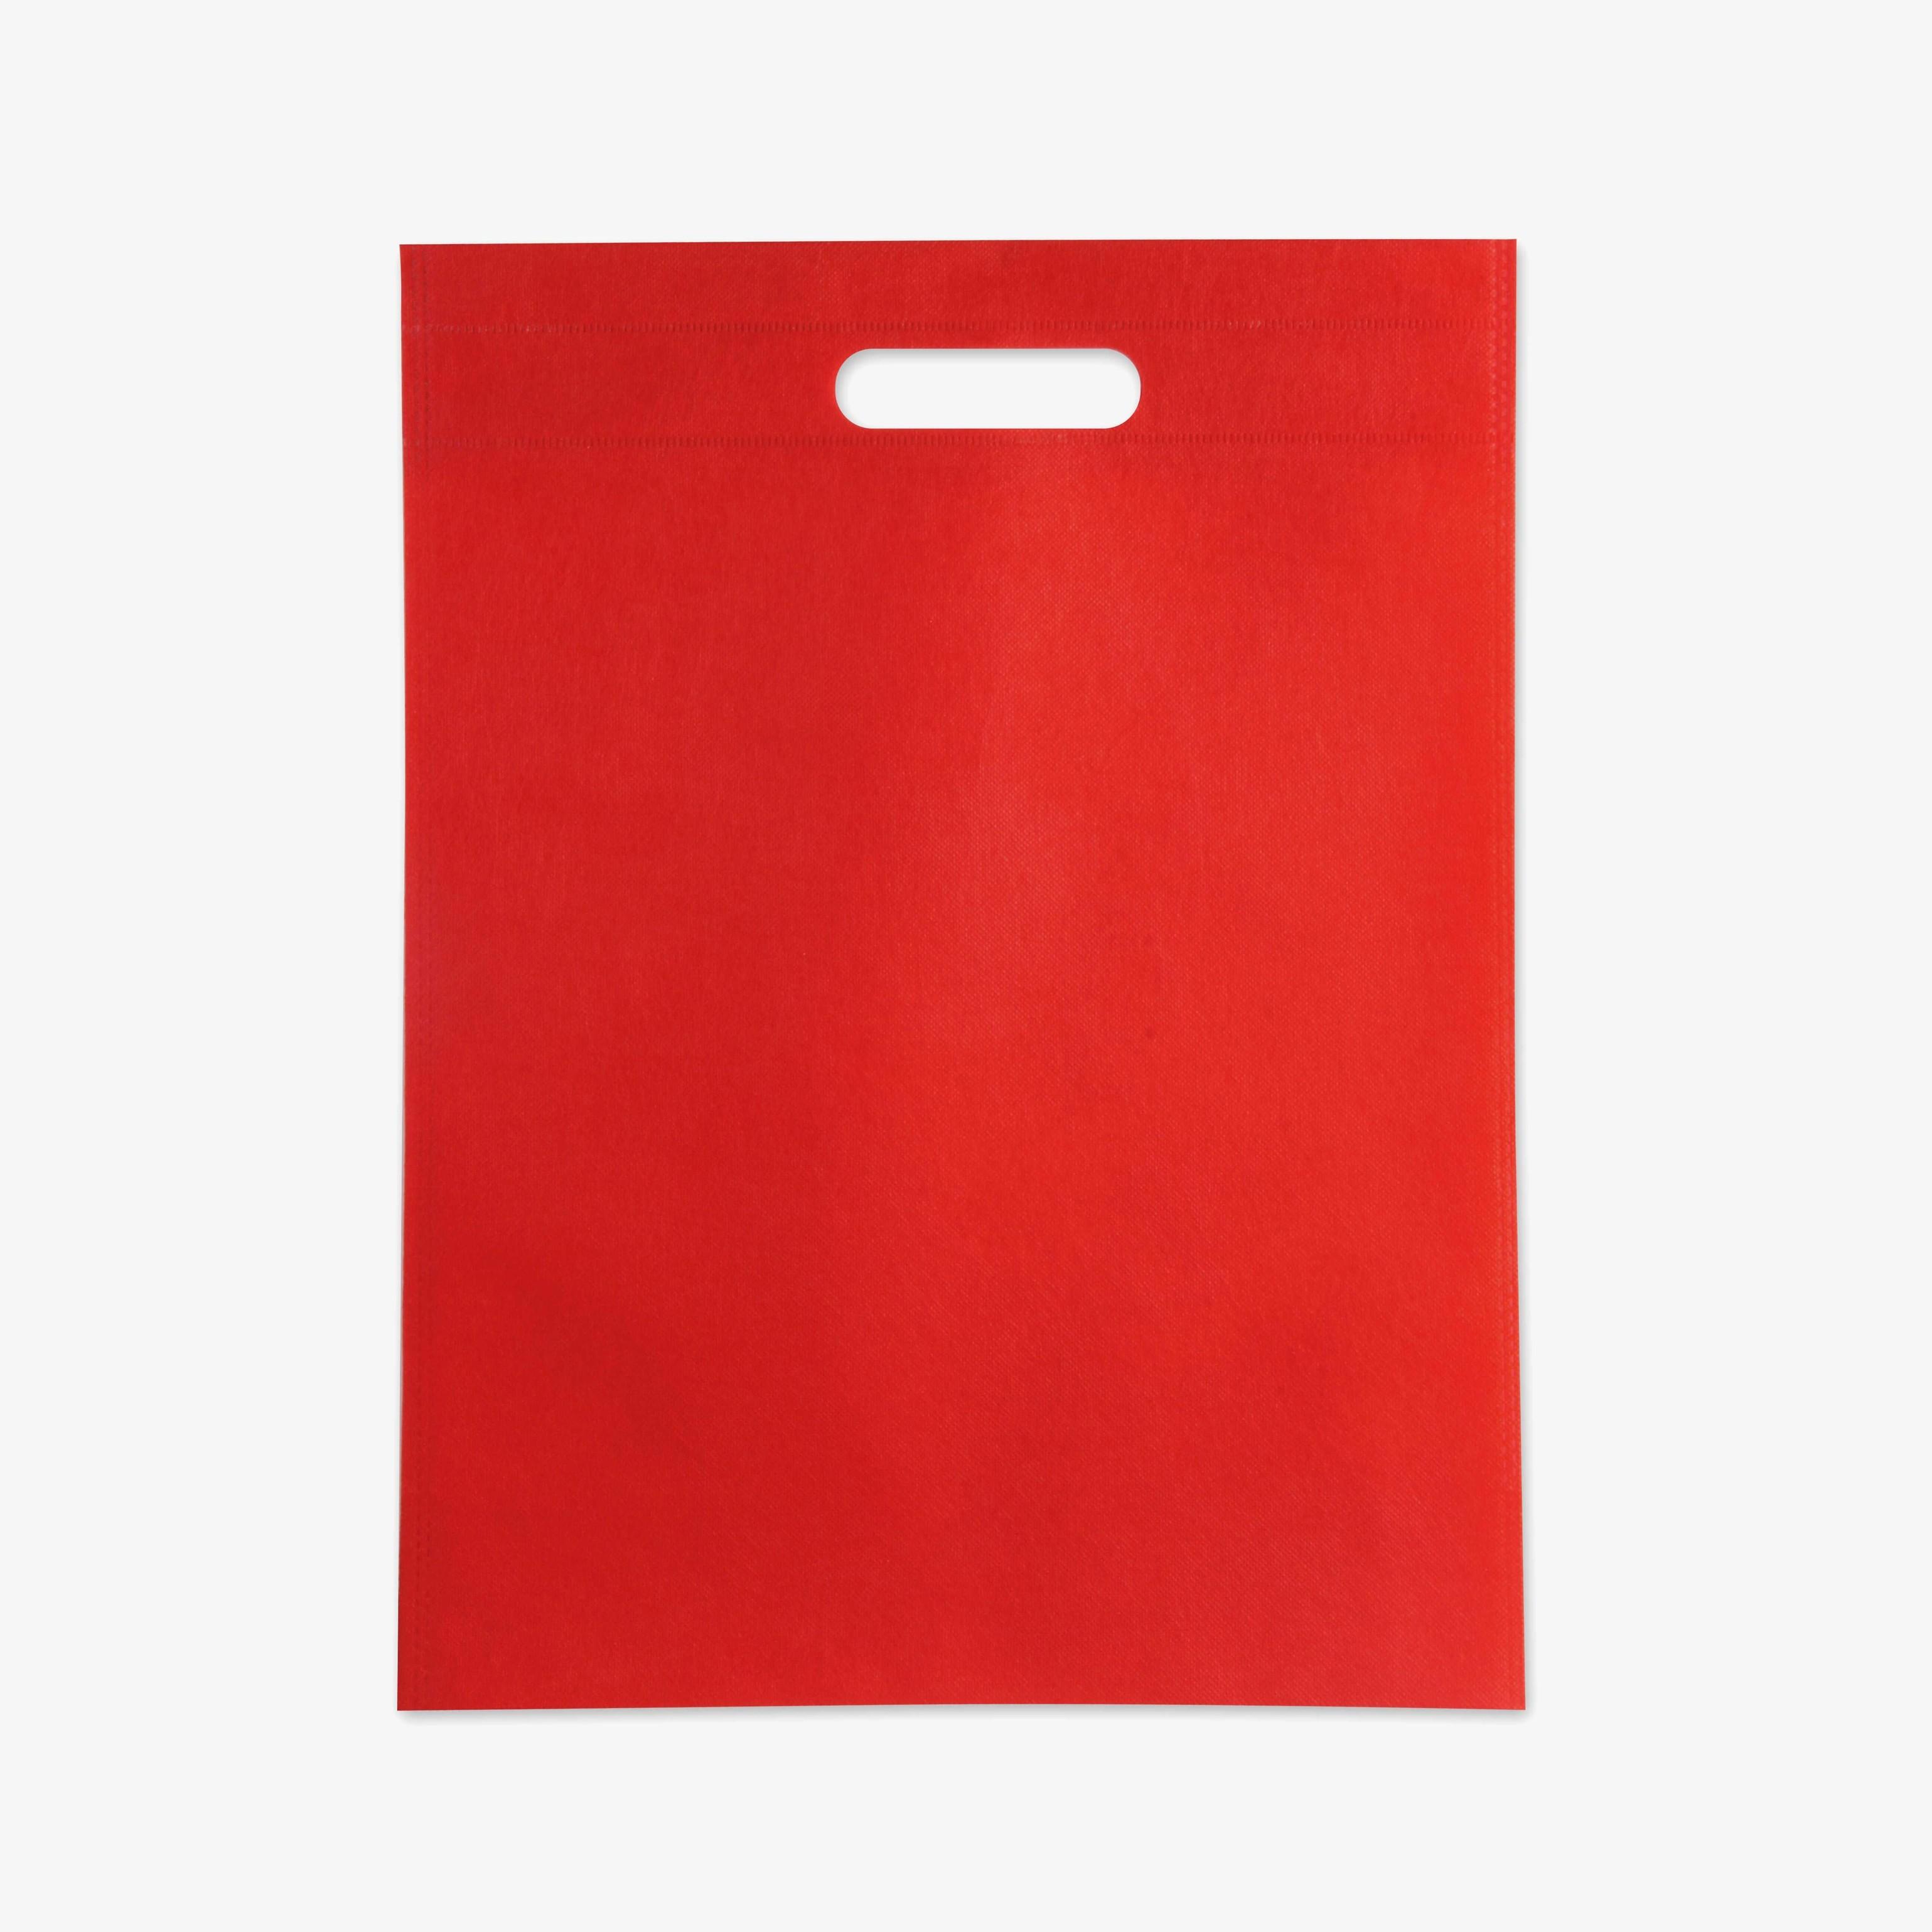 PKD30x40H 红色平口袋 30x40cm 200个